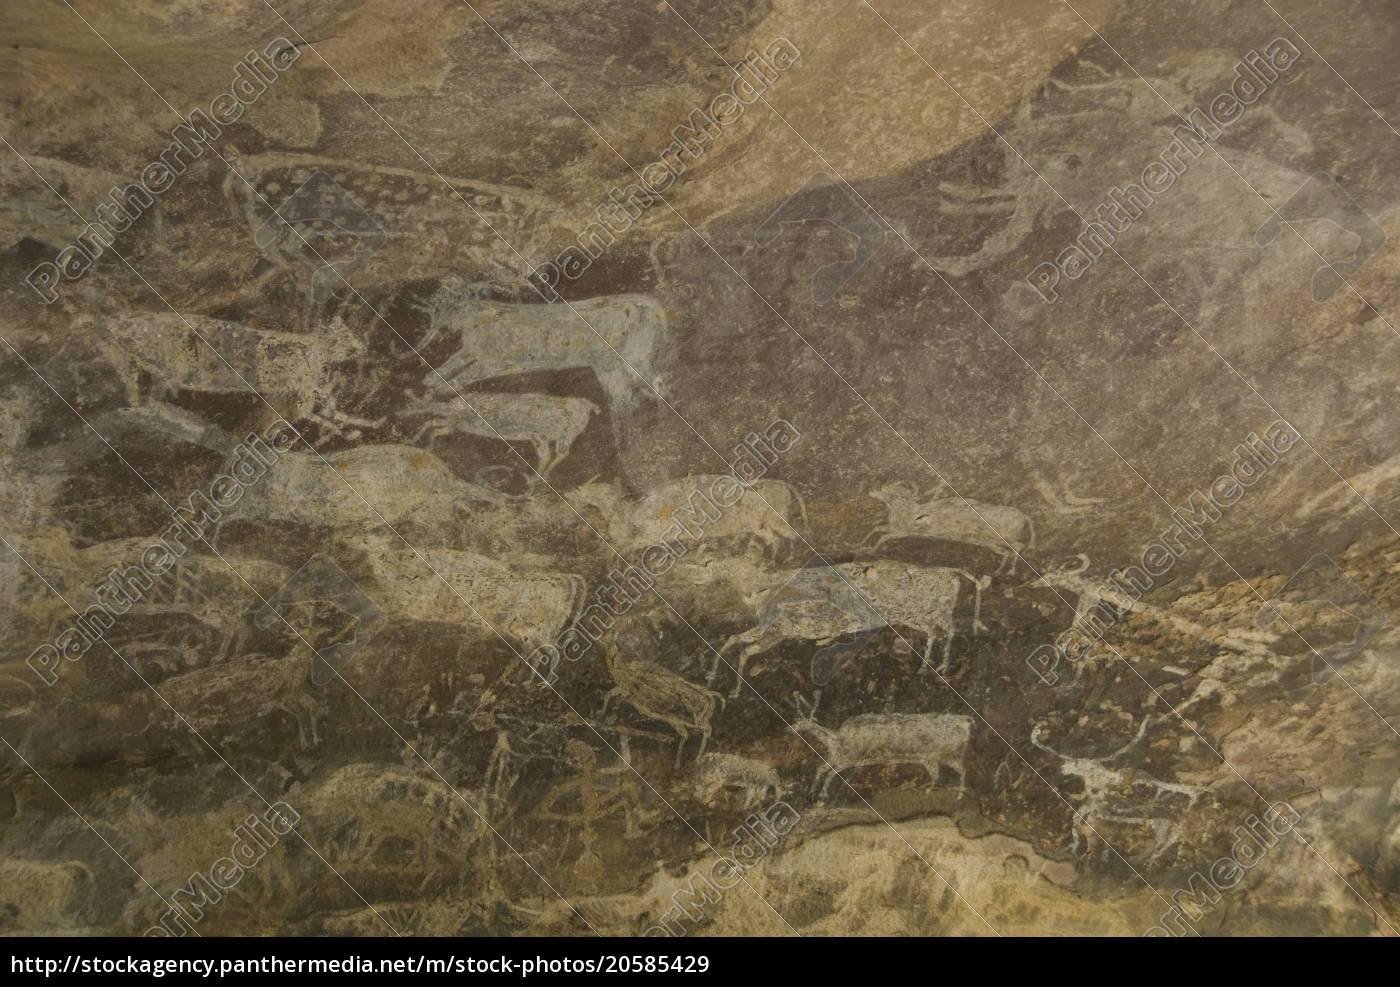 einige, der, tiere, in, den, paläolithischen - 20585429